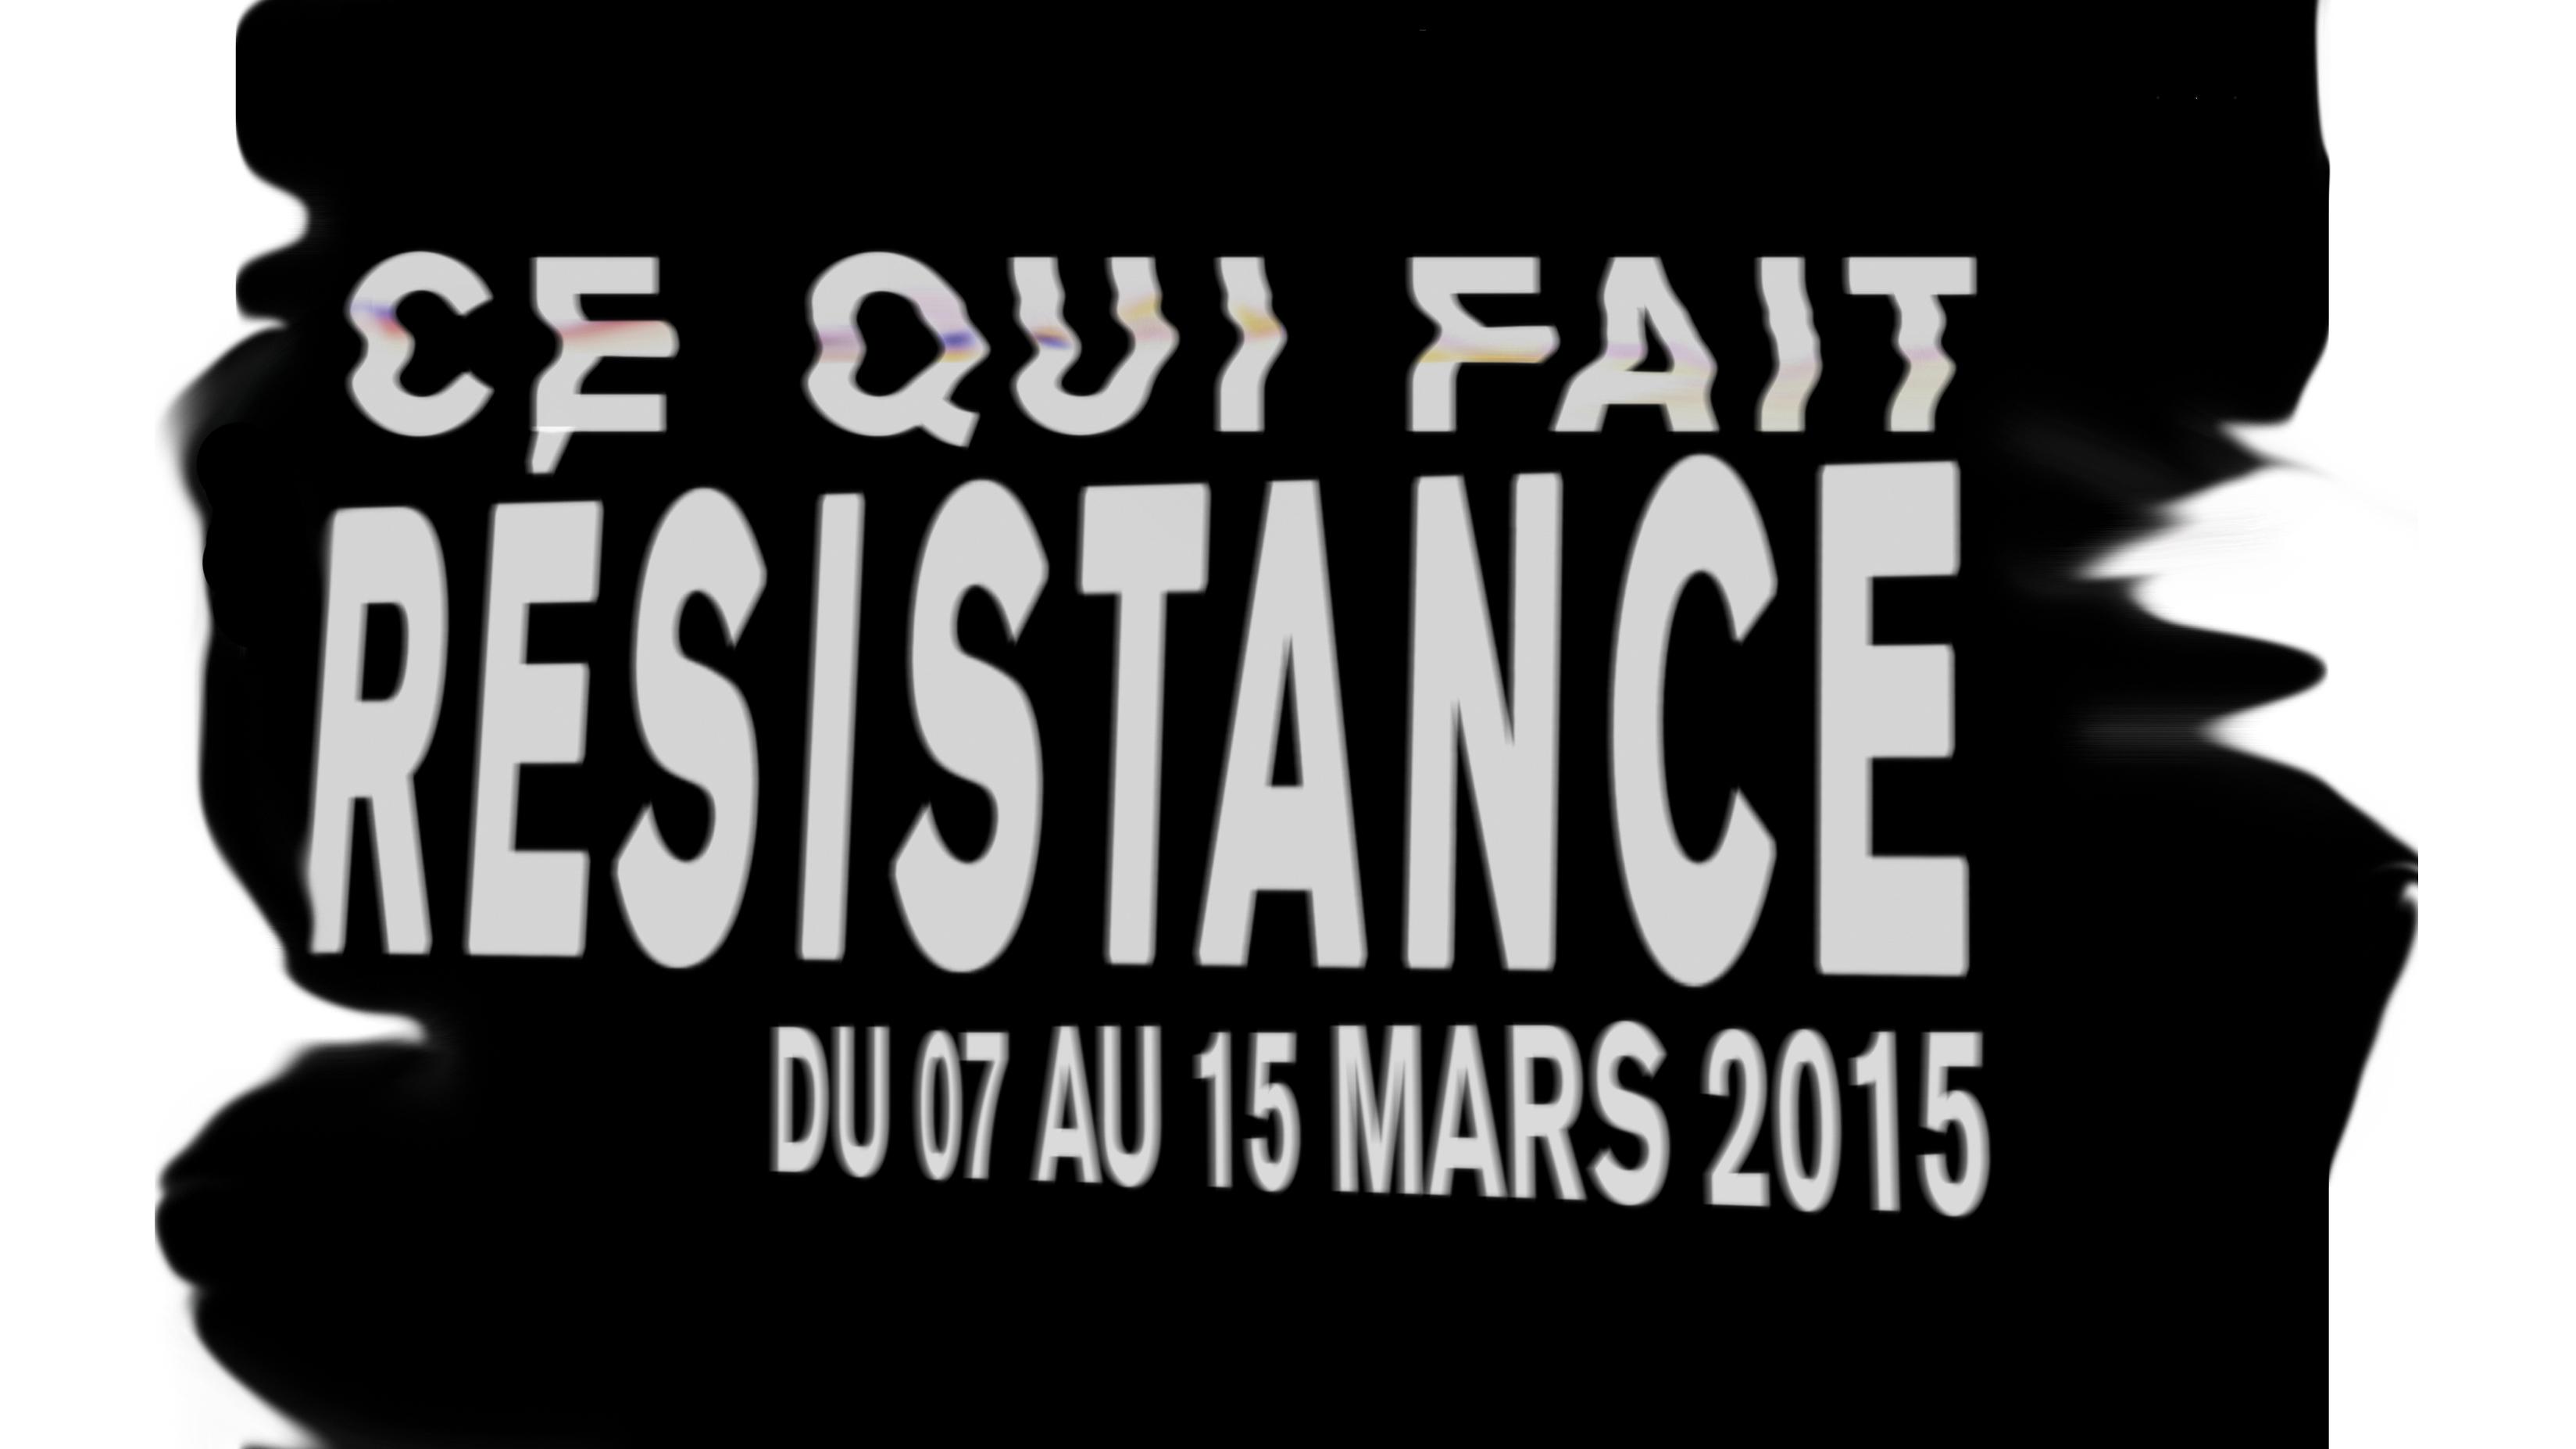 ce qui fait resistance